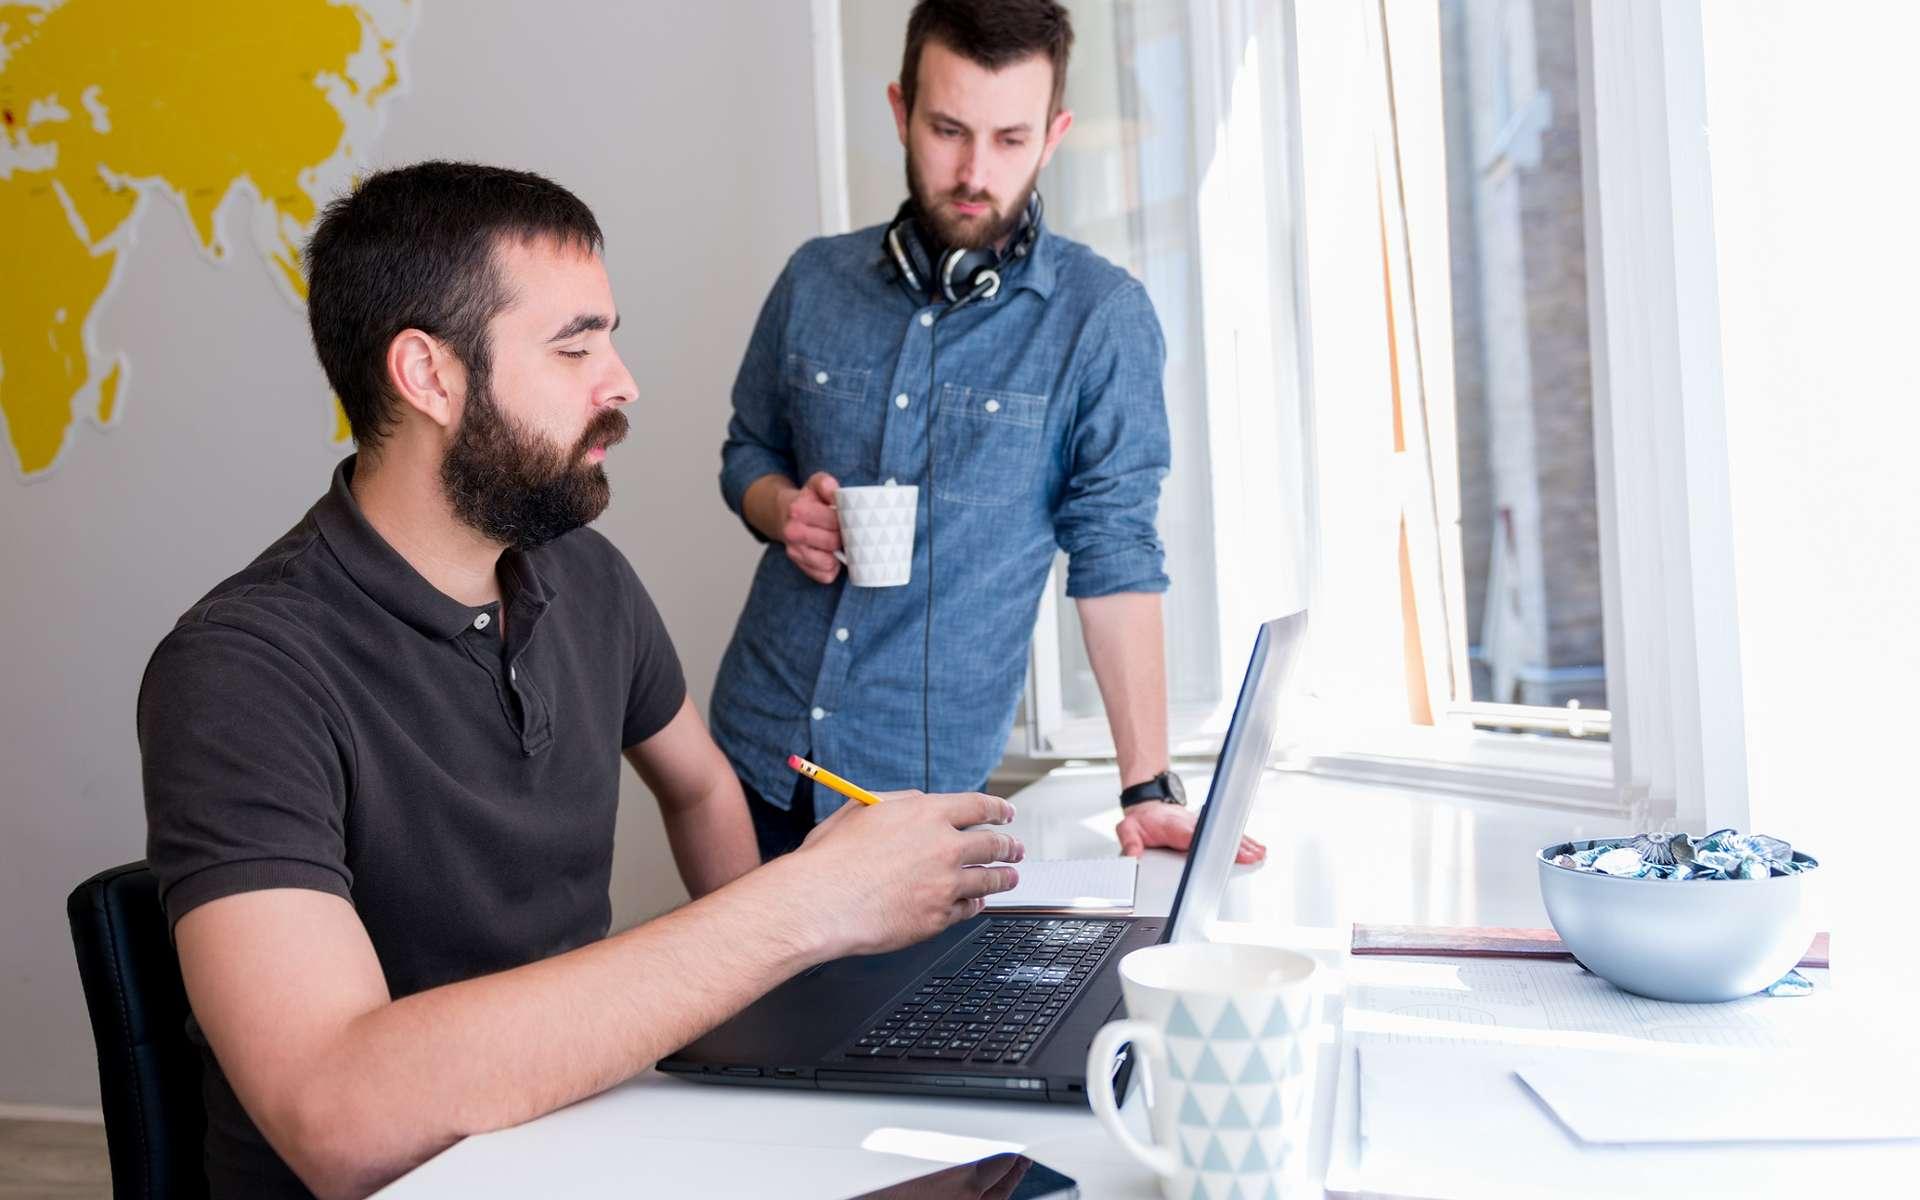 La start-up est parfois créée par de jeunes diplômés qui veulent exploiter une technologie innovante. © Stock Rocket, Shutterstock